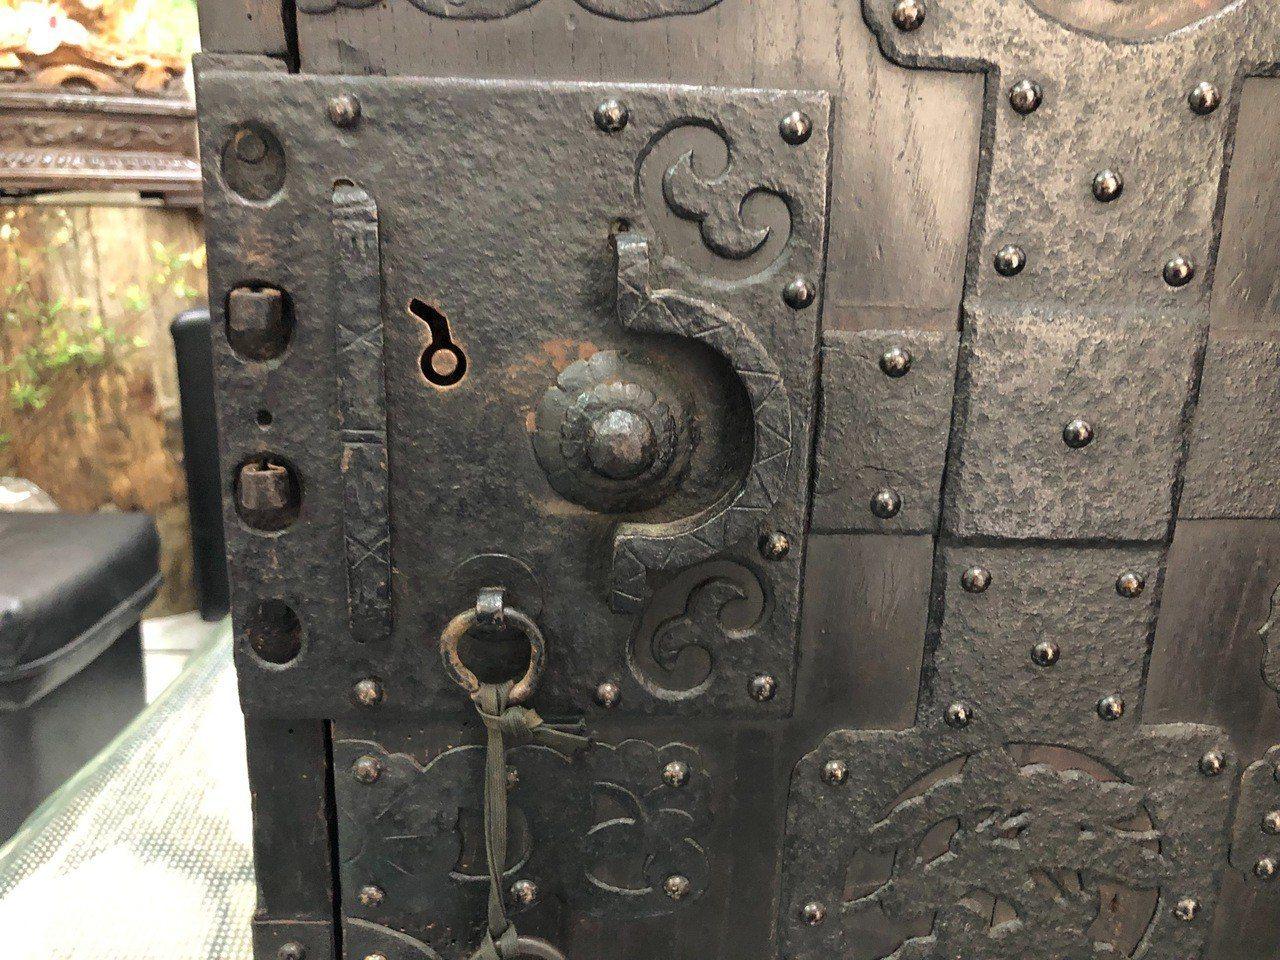 保險箱以木板蒙上鐵皮製成,沒有密碼鎖而是以特殊鑰匙和卡榫設計,相當罕見。記者江良...